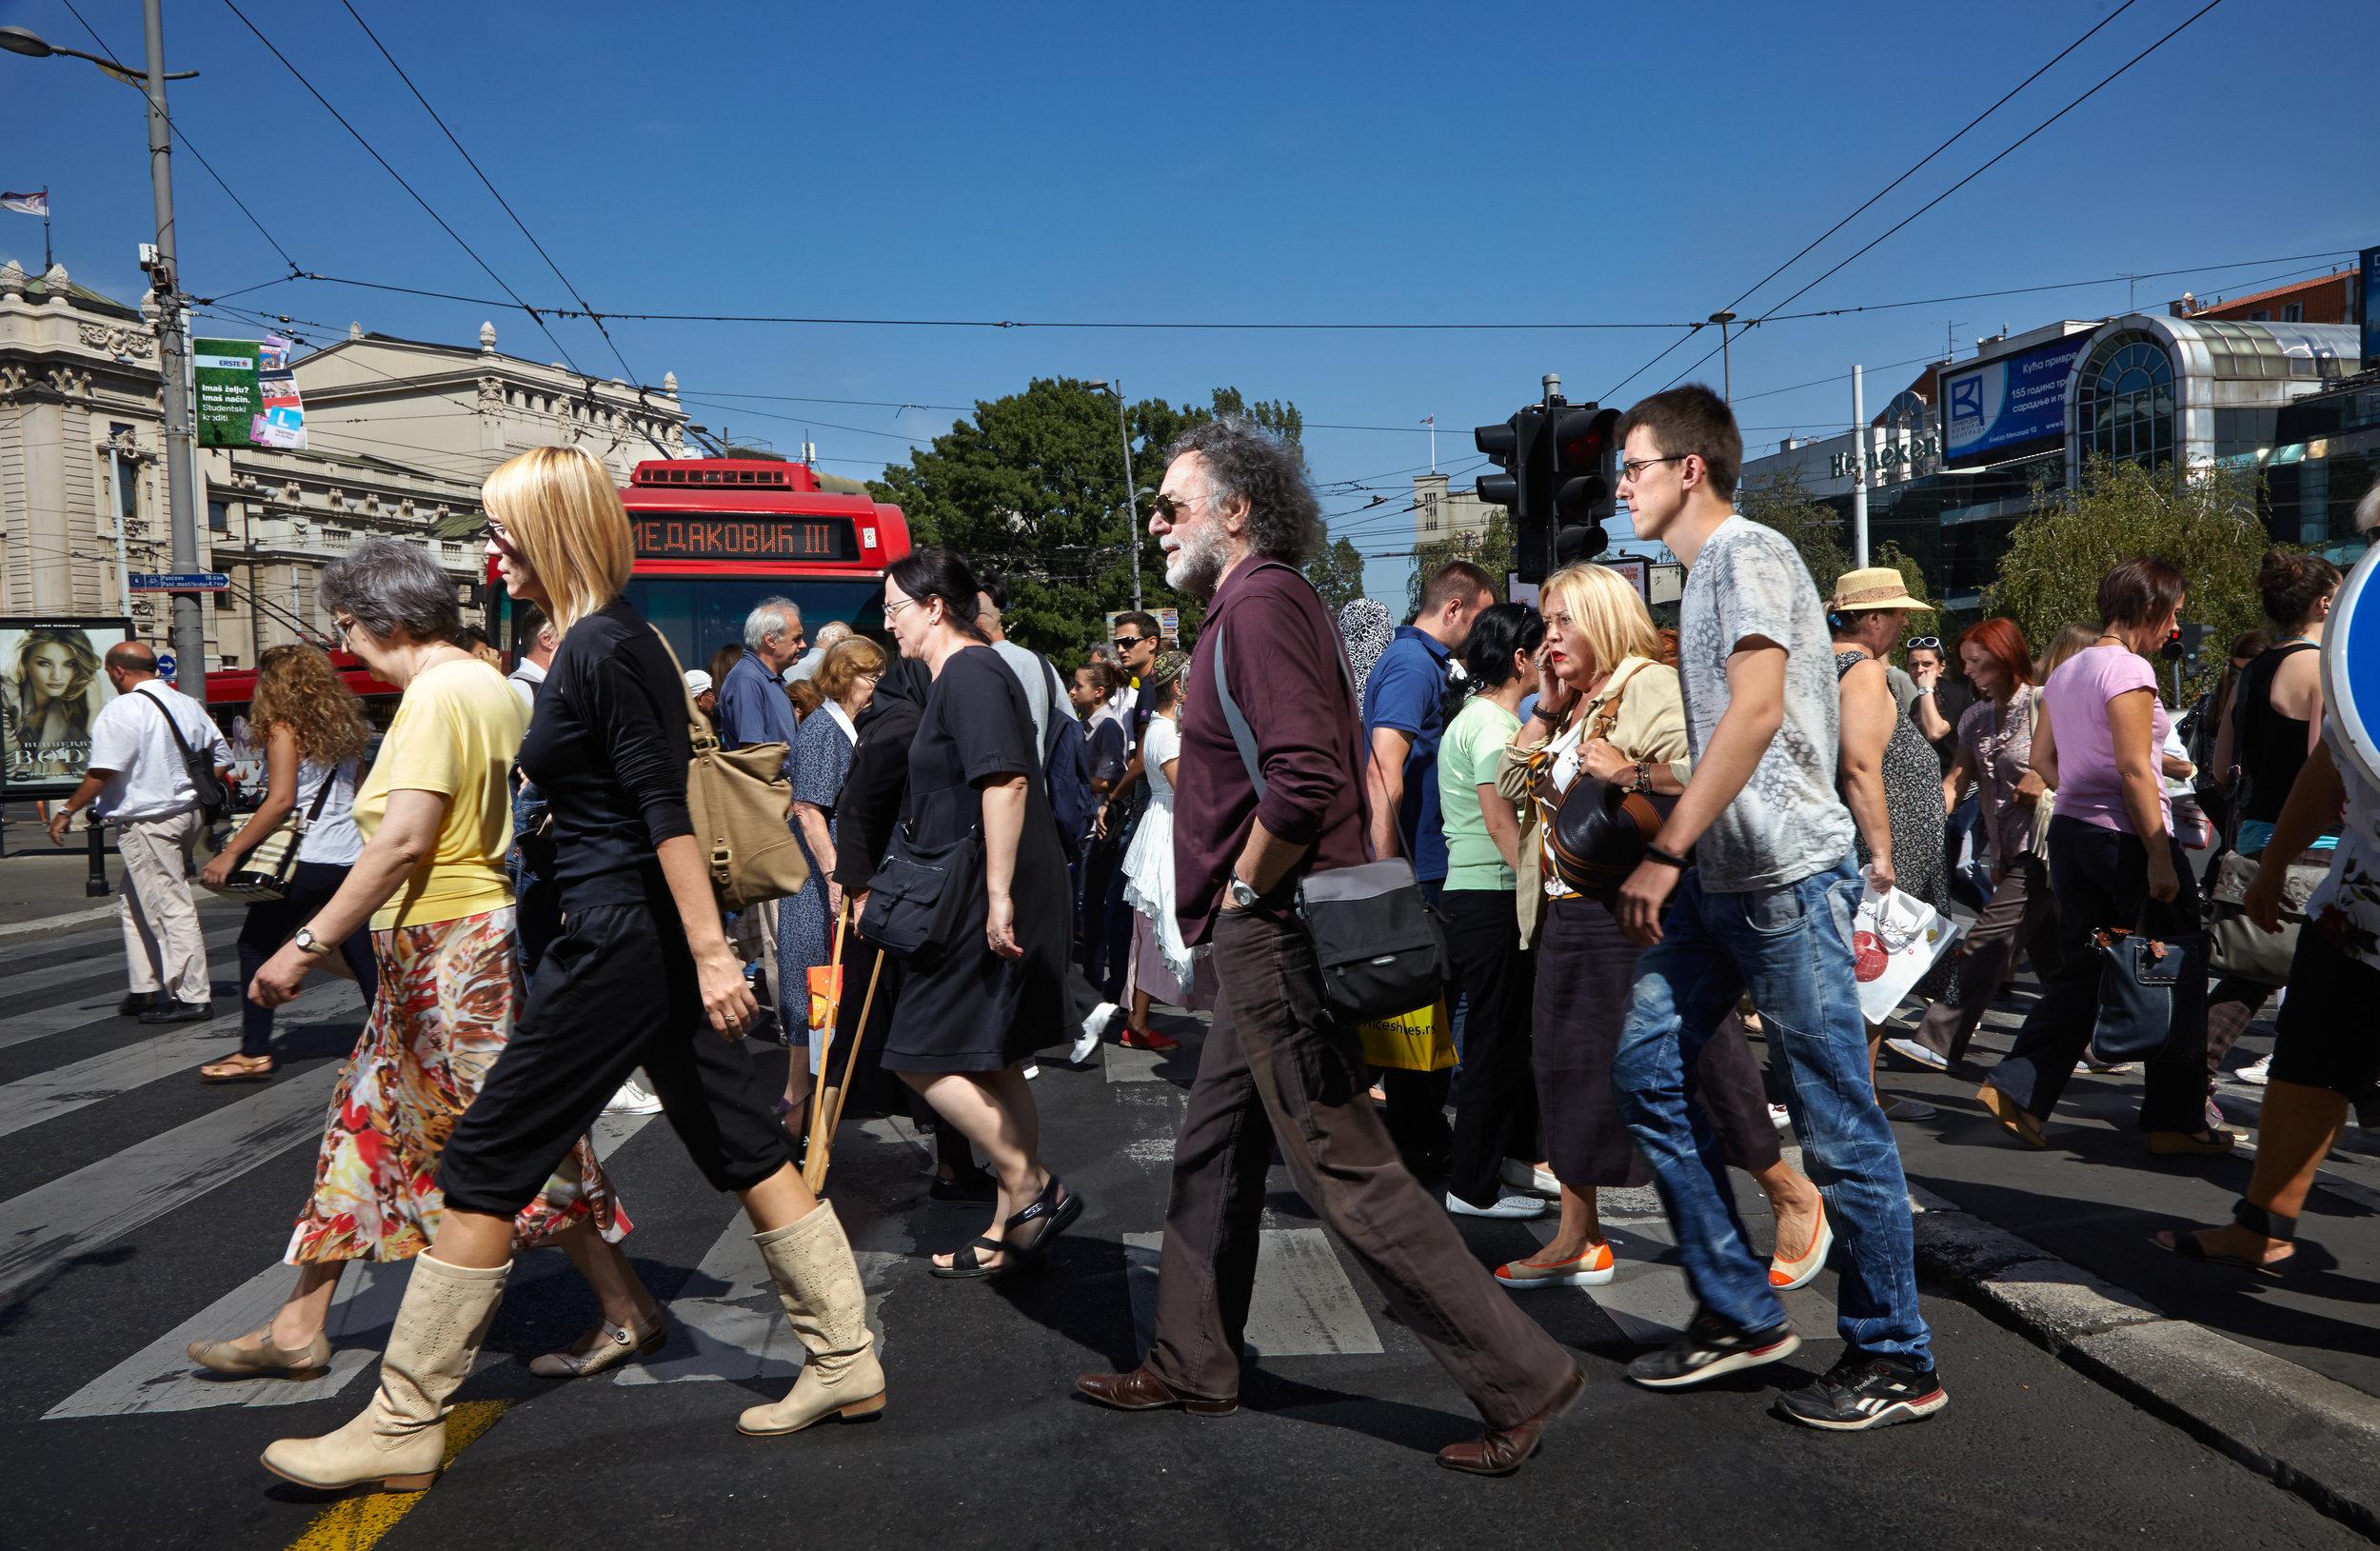 Poike_Stomps_9_Belgrade_Crossing_Europe (1 van 1).jpg